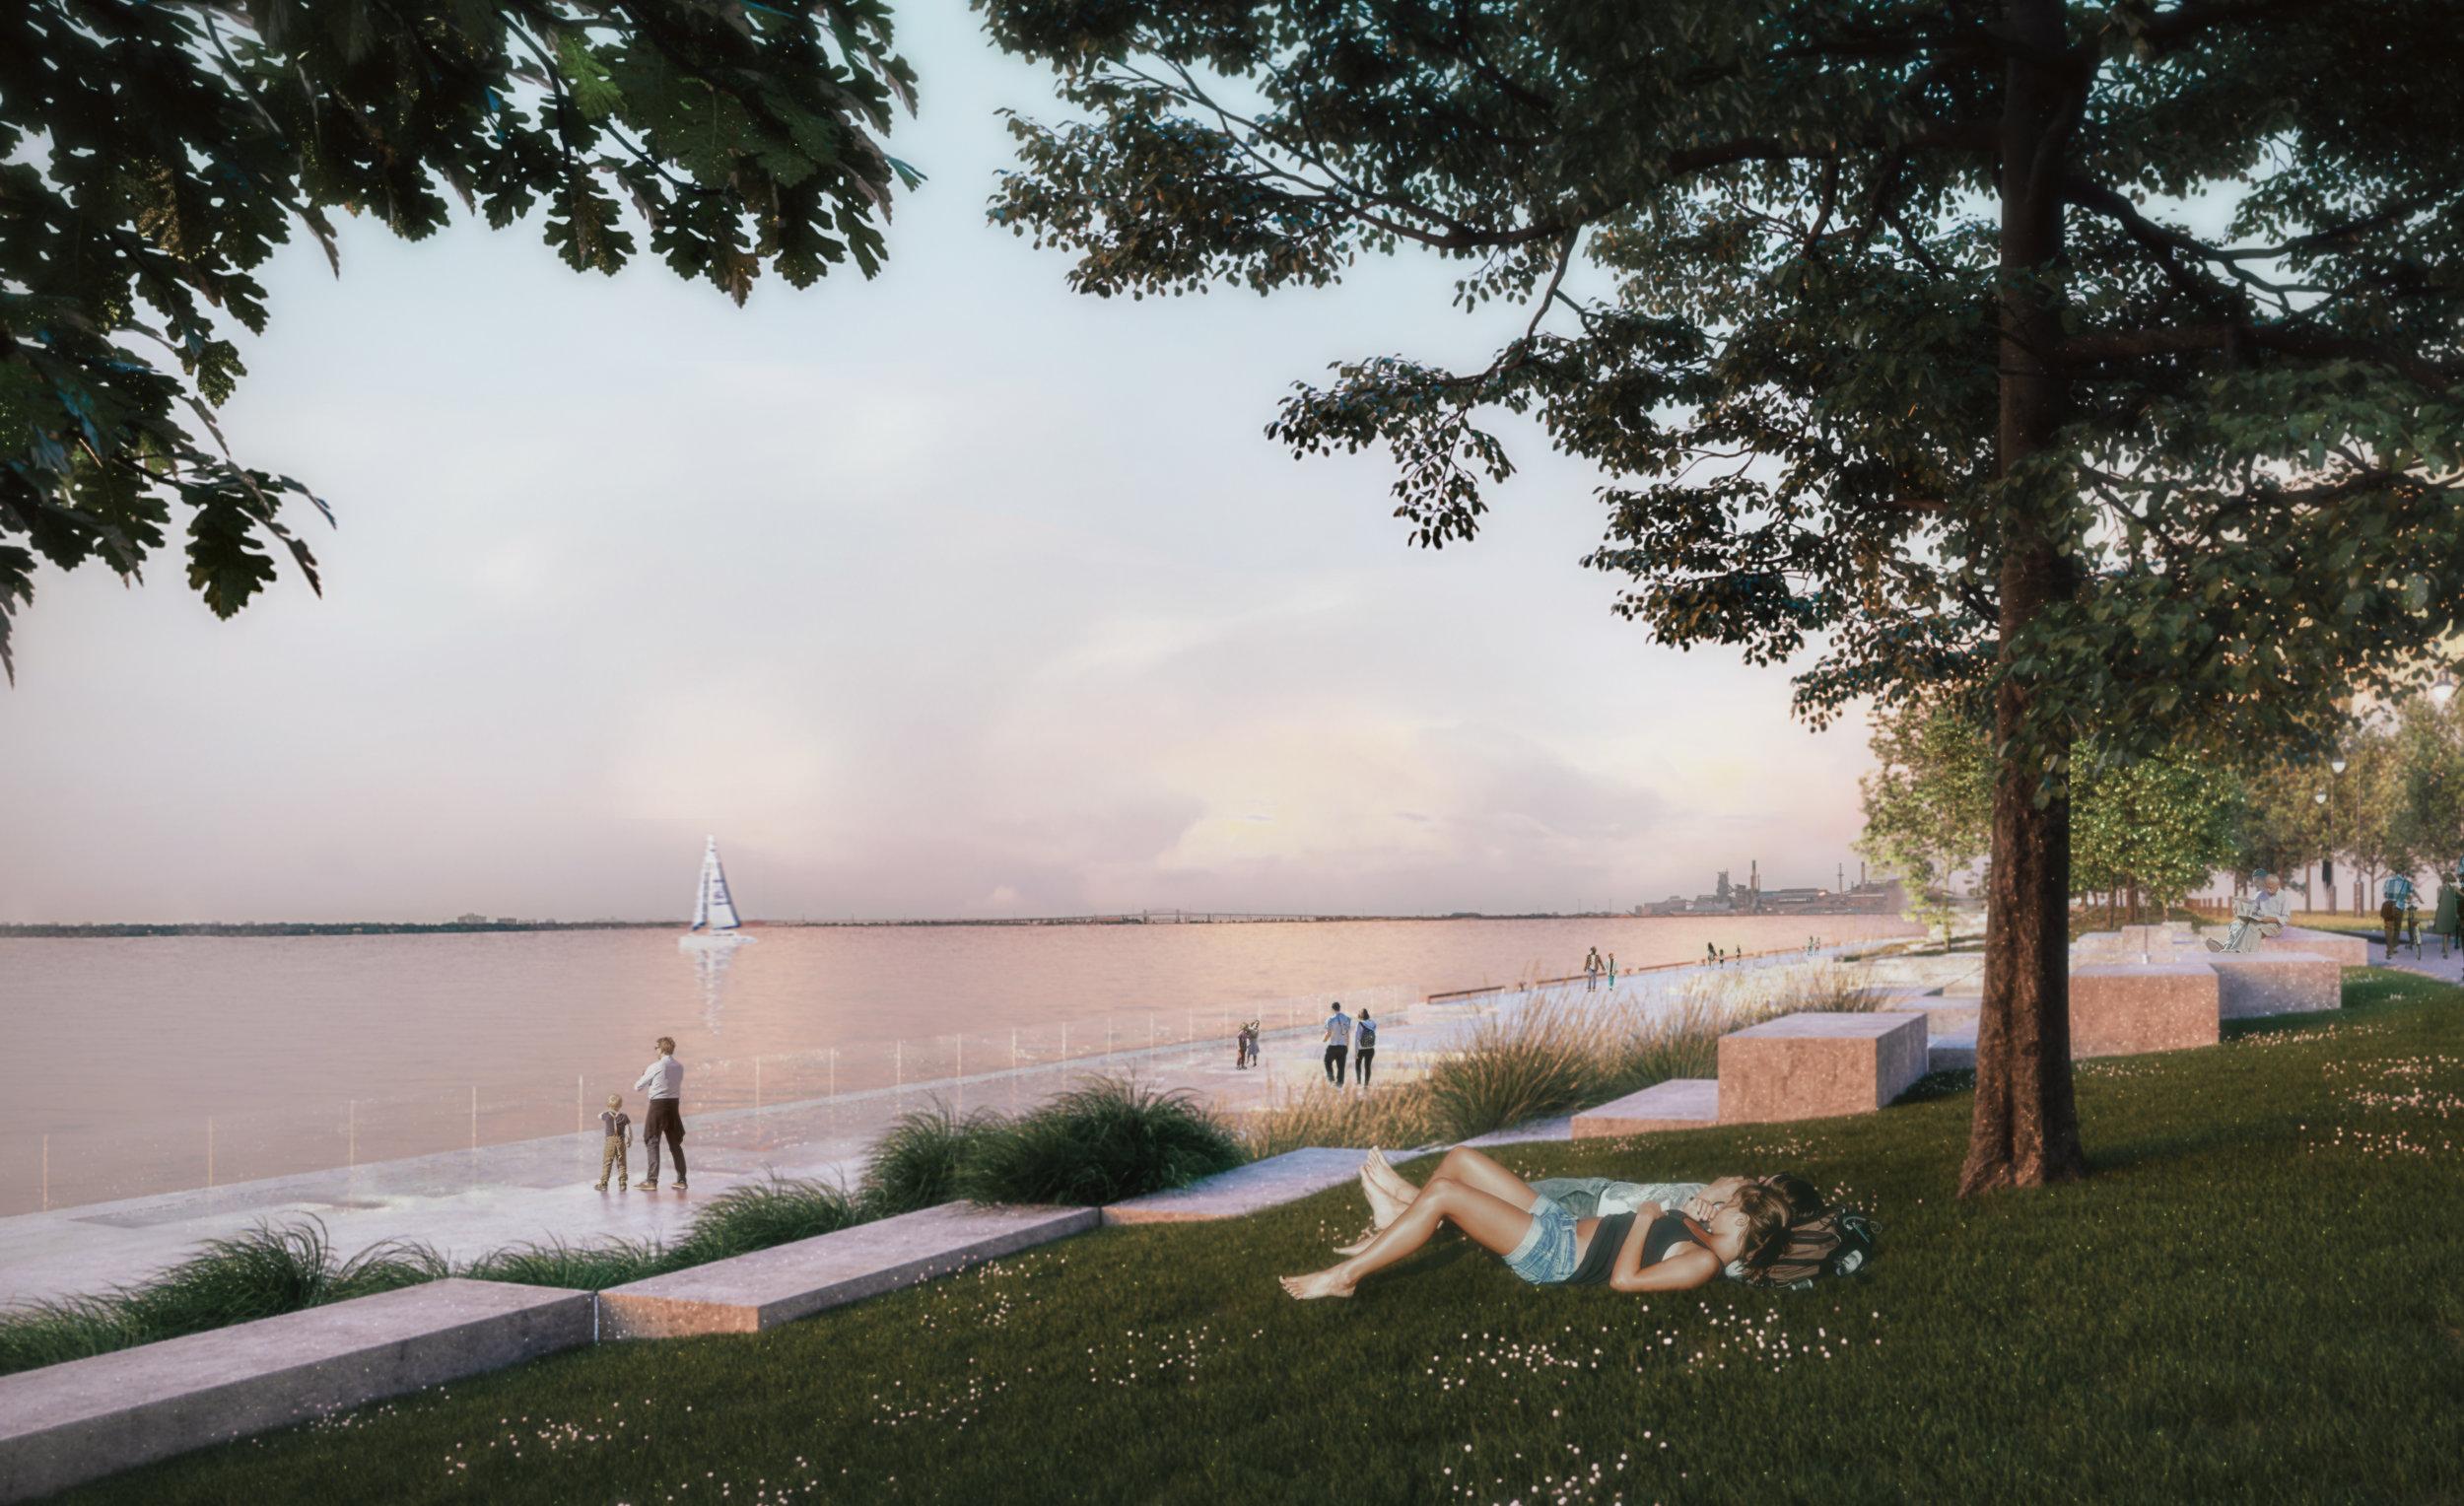 Pier 8 Promenade Park - Picnic Lawn Area